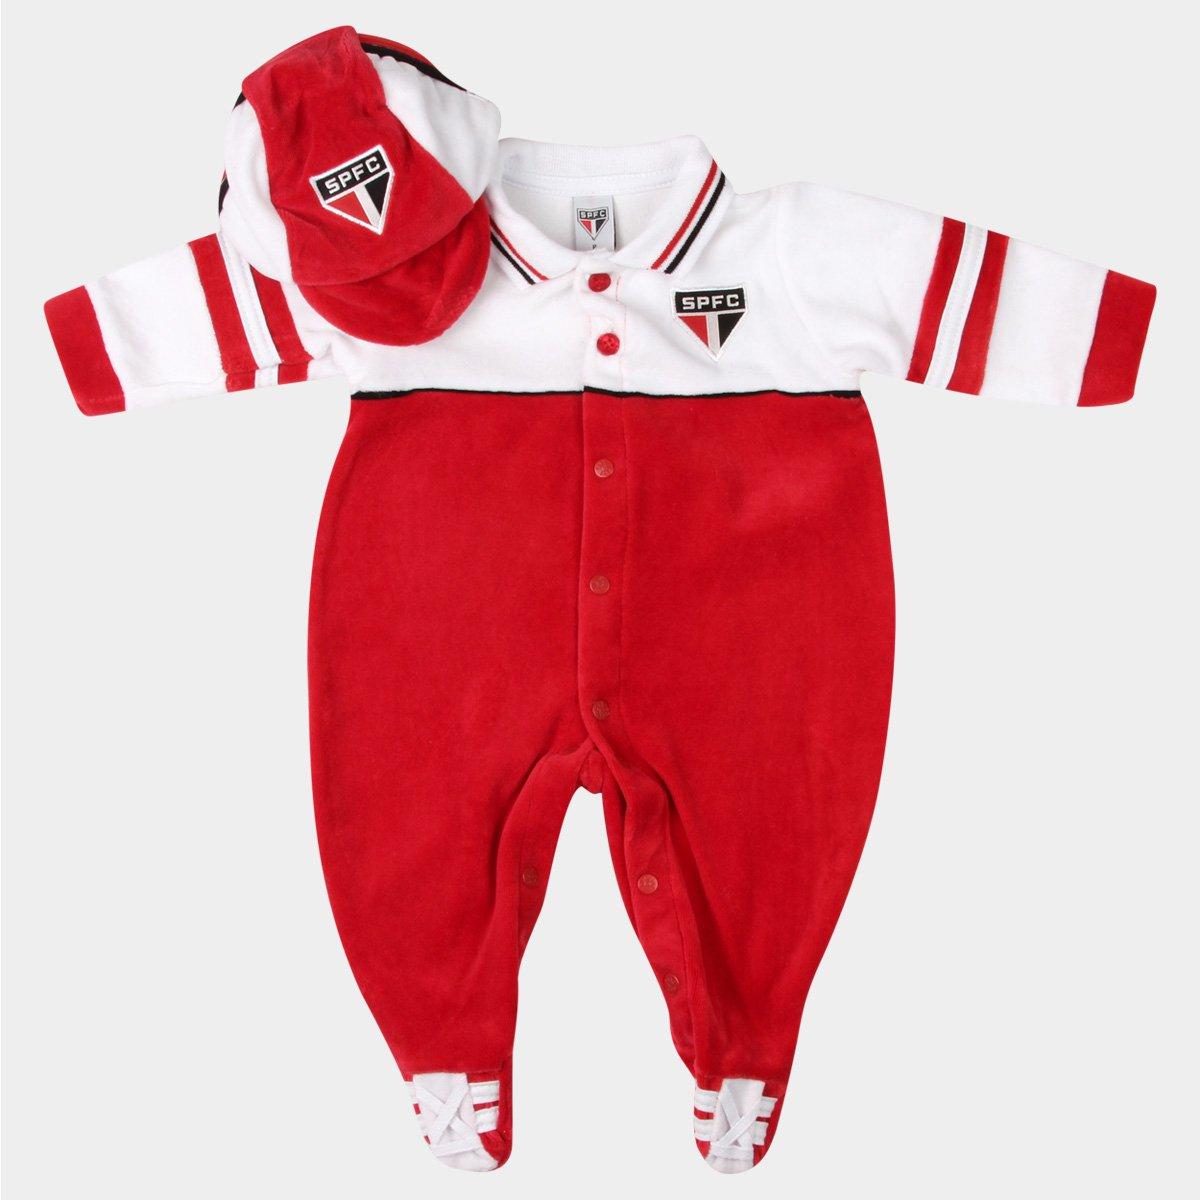 Macacão São Paulo Bebê Plush Esportivo - Vermelho e Branco - Compre Agora  5ecc289662a